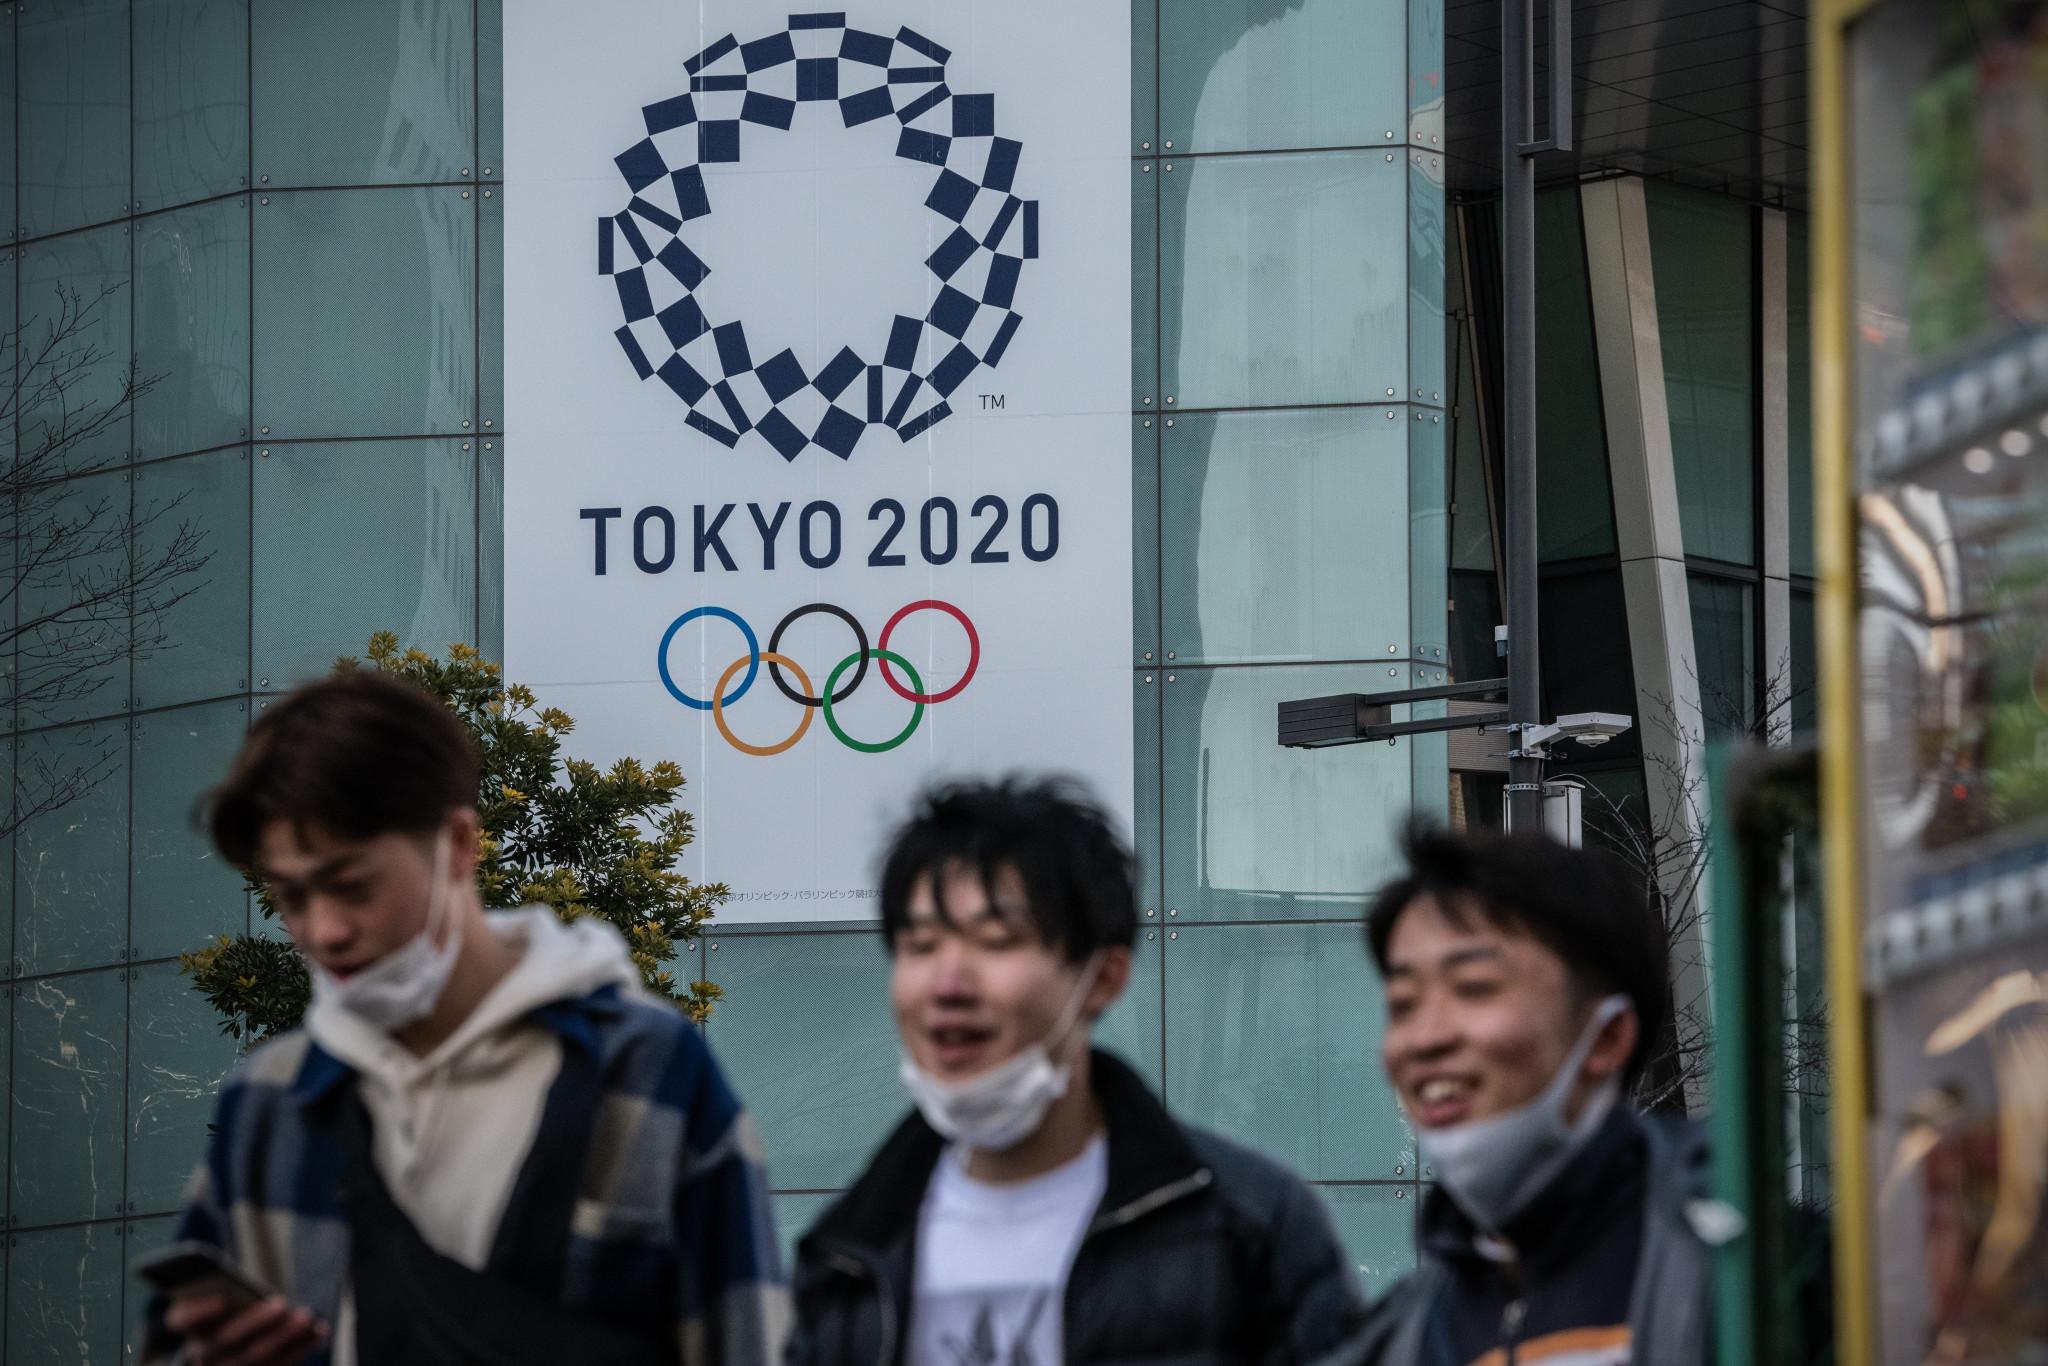 Diez mil voluntarios renunciaron a los Juegos Olímpicos